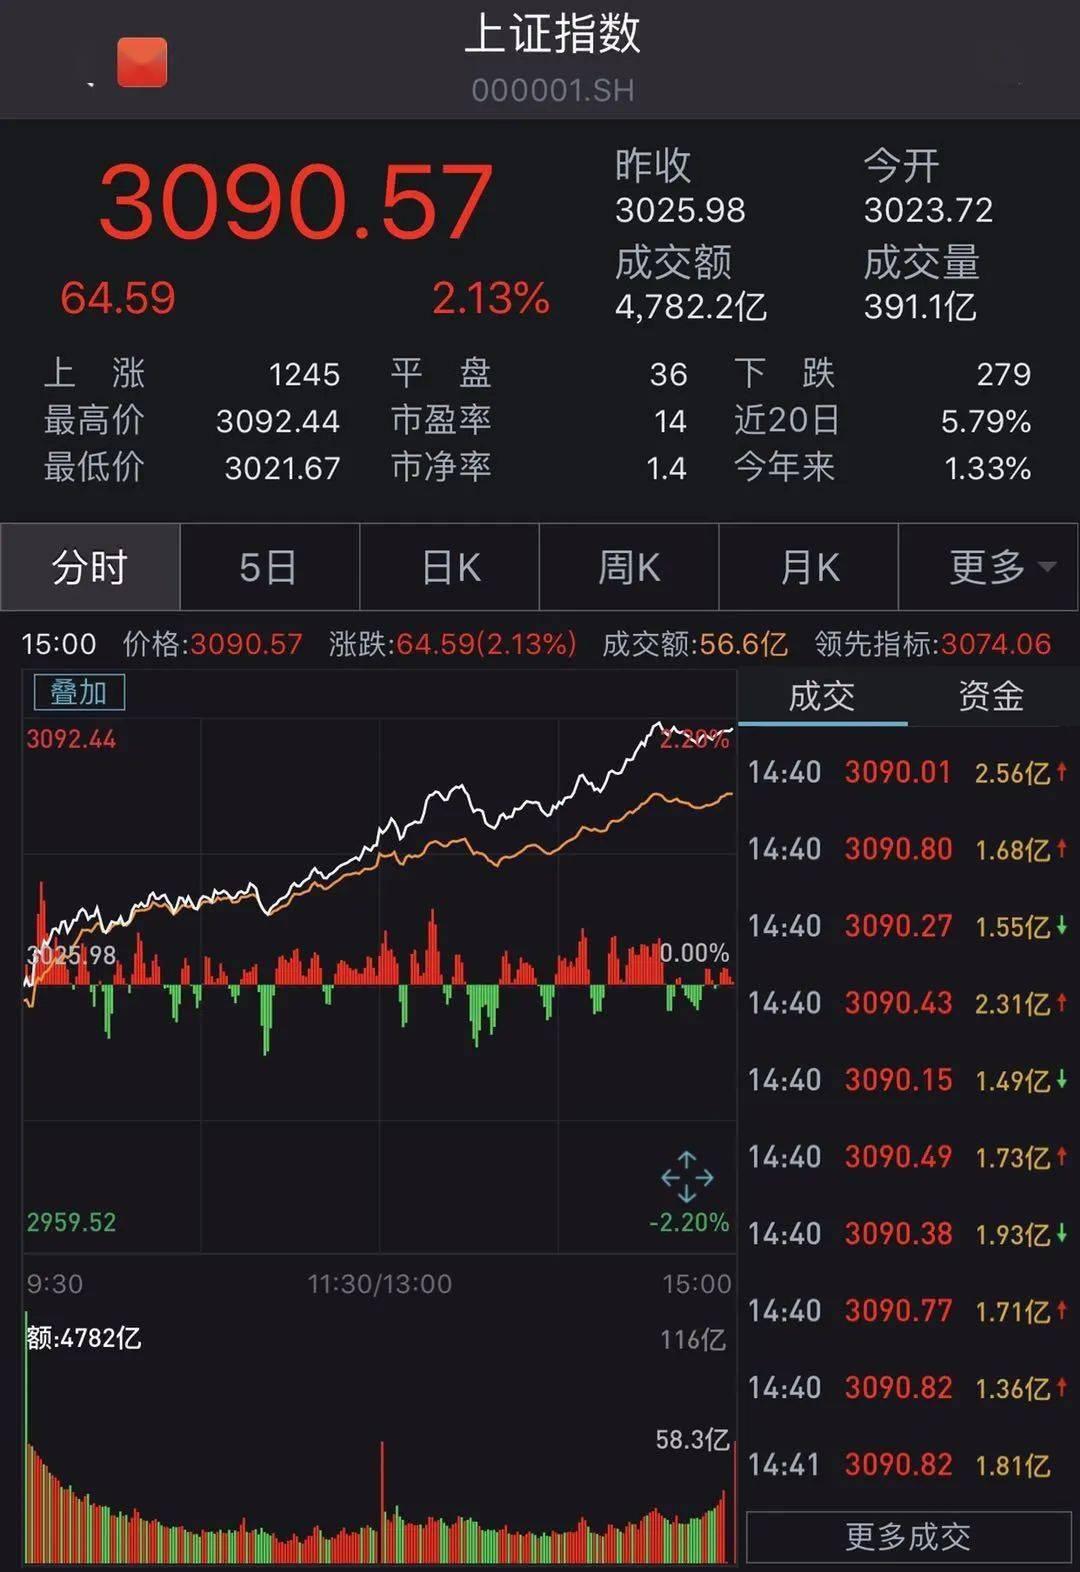 """重上3000点!指数0涨跌,大批基金赚了100%、200%,甚至700%!为什么""""炒股不如投基金""""?"""